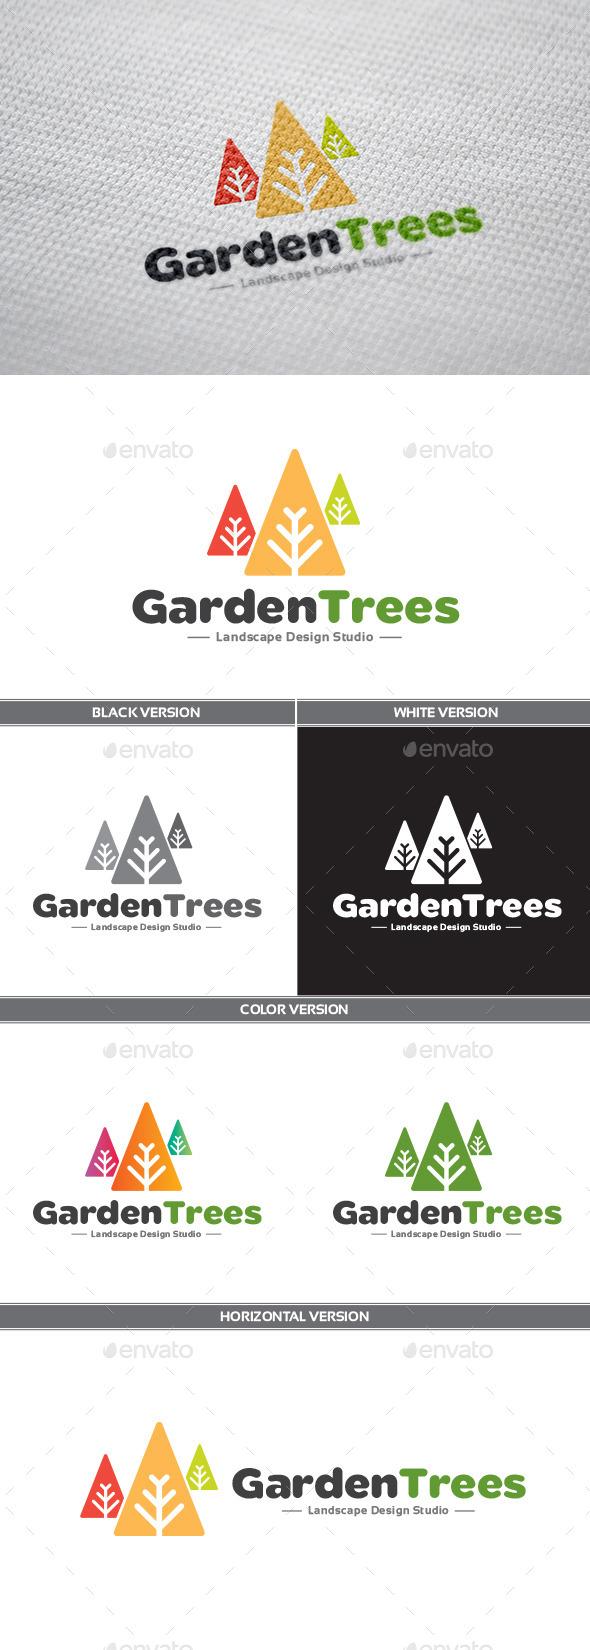 GraphicRiver GardenTrees Logo 9312610